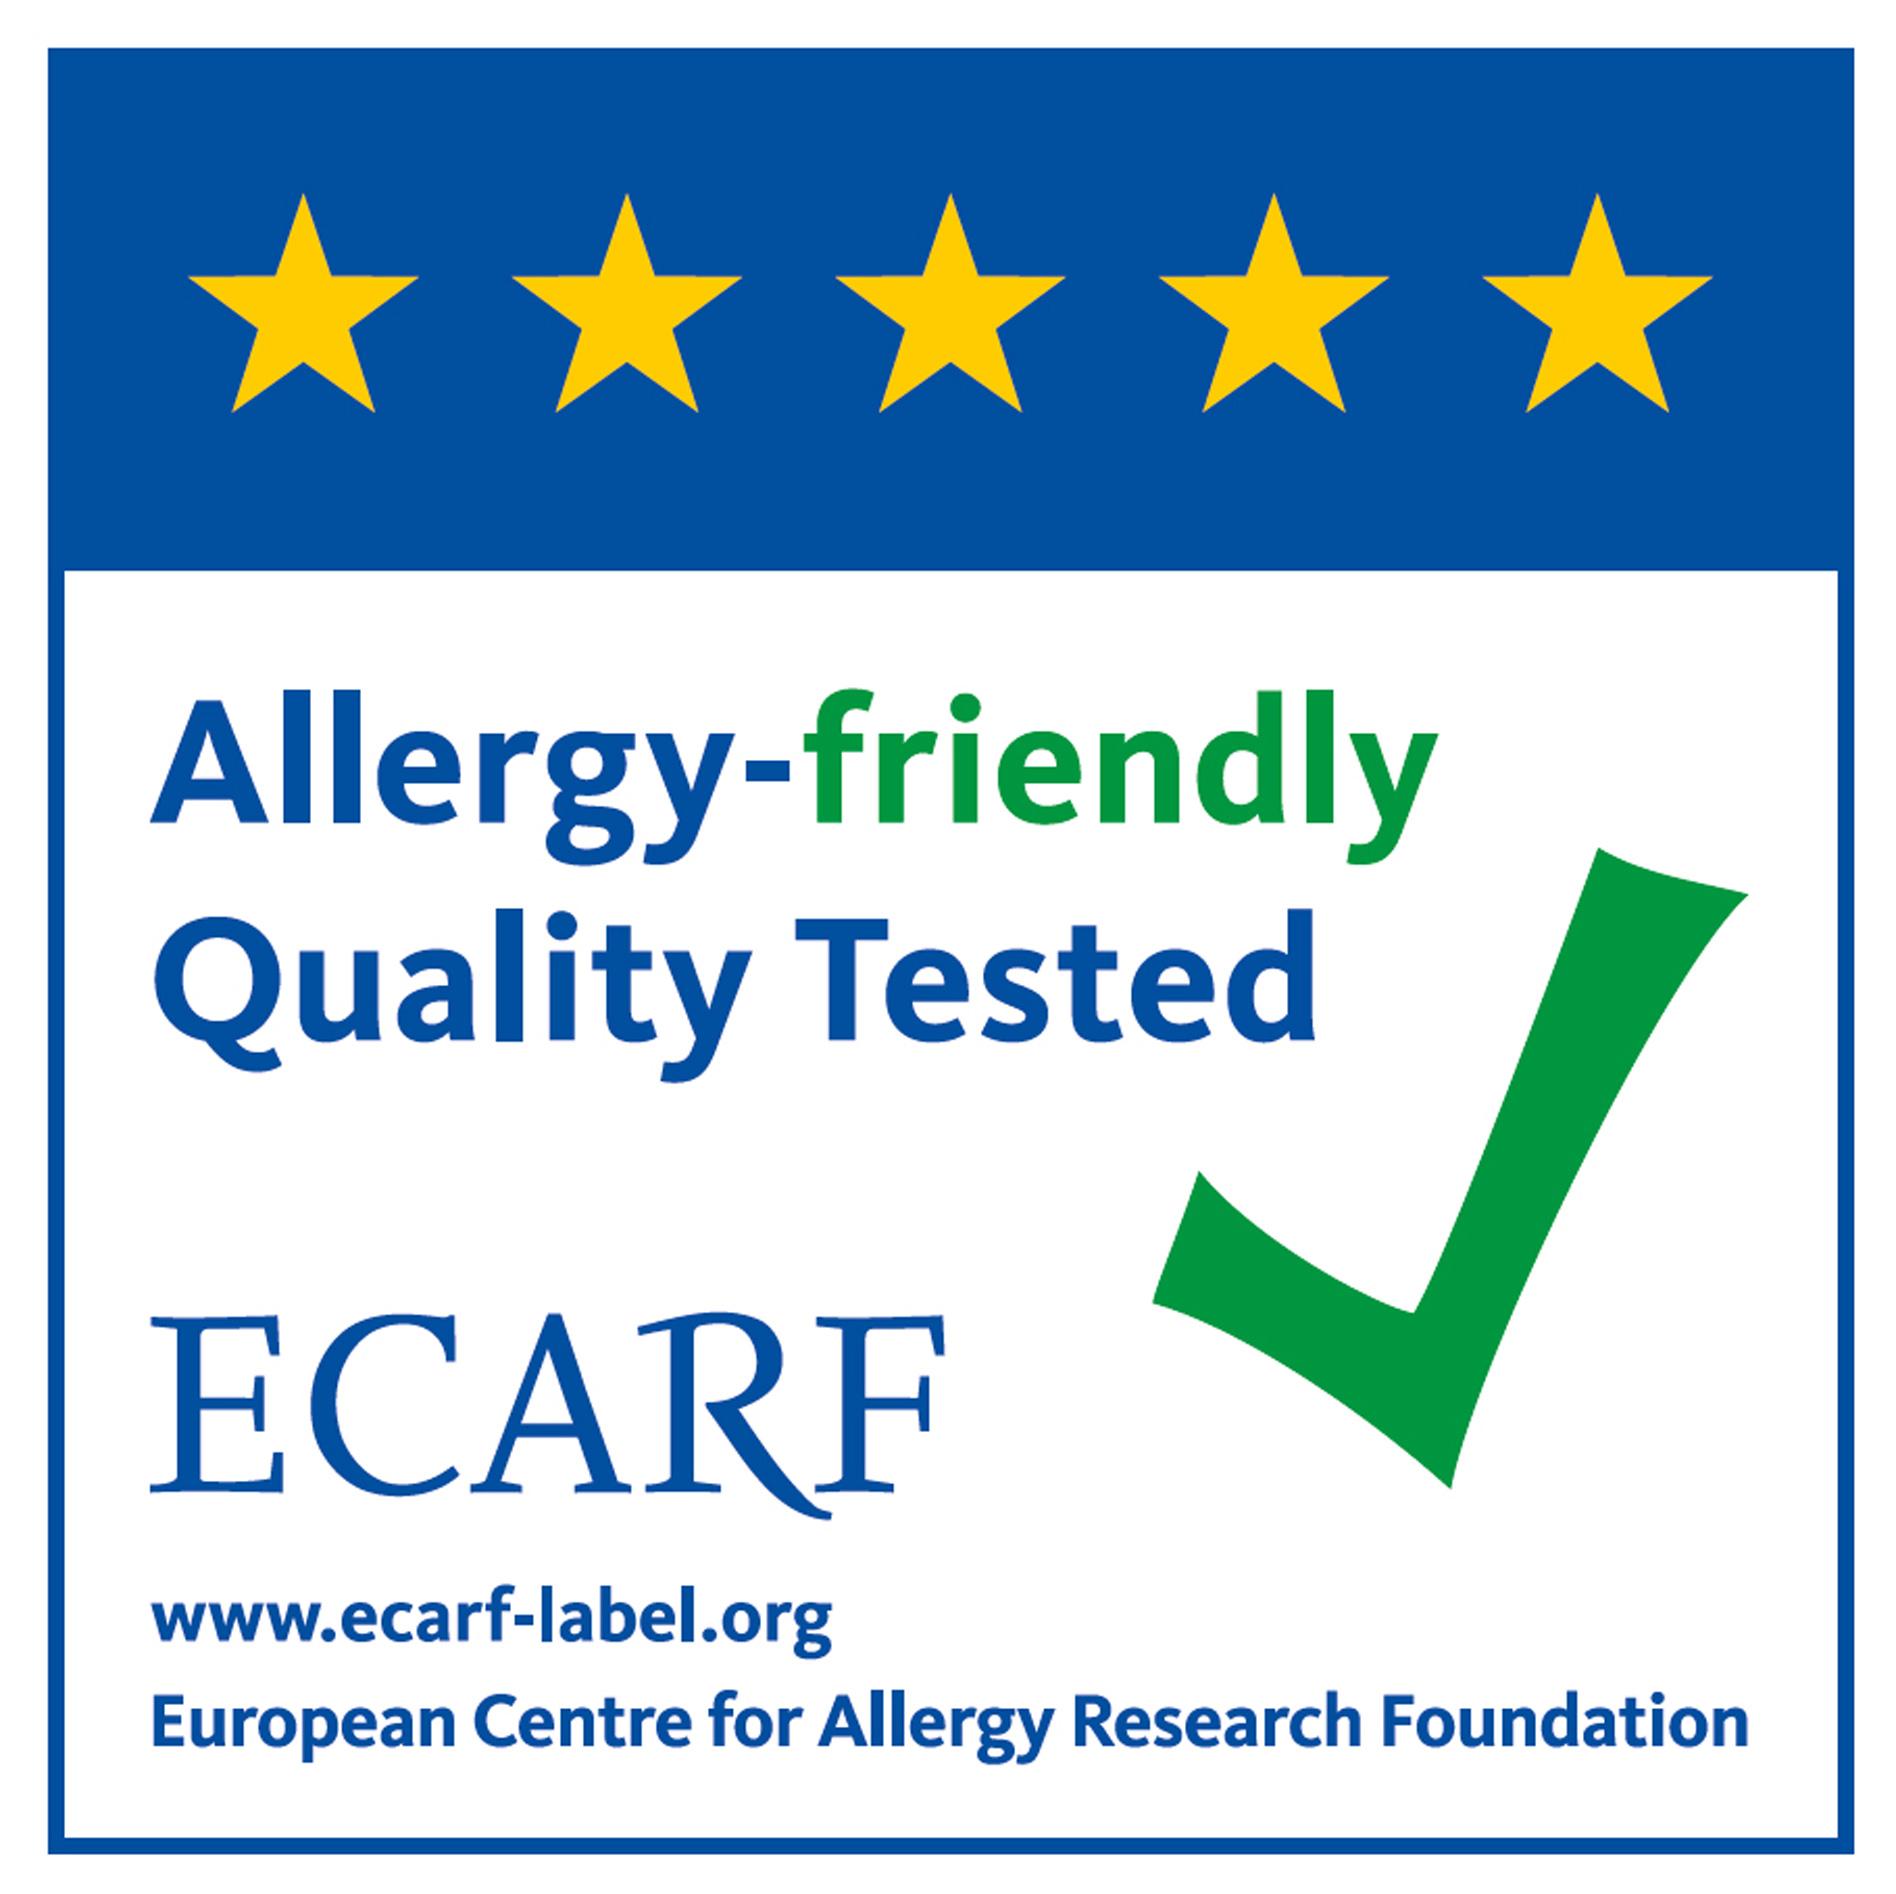 ECARF heeft de U300 gecertificeerd.